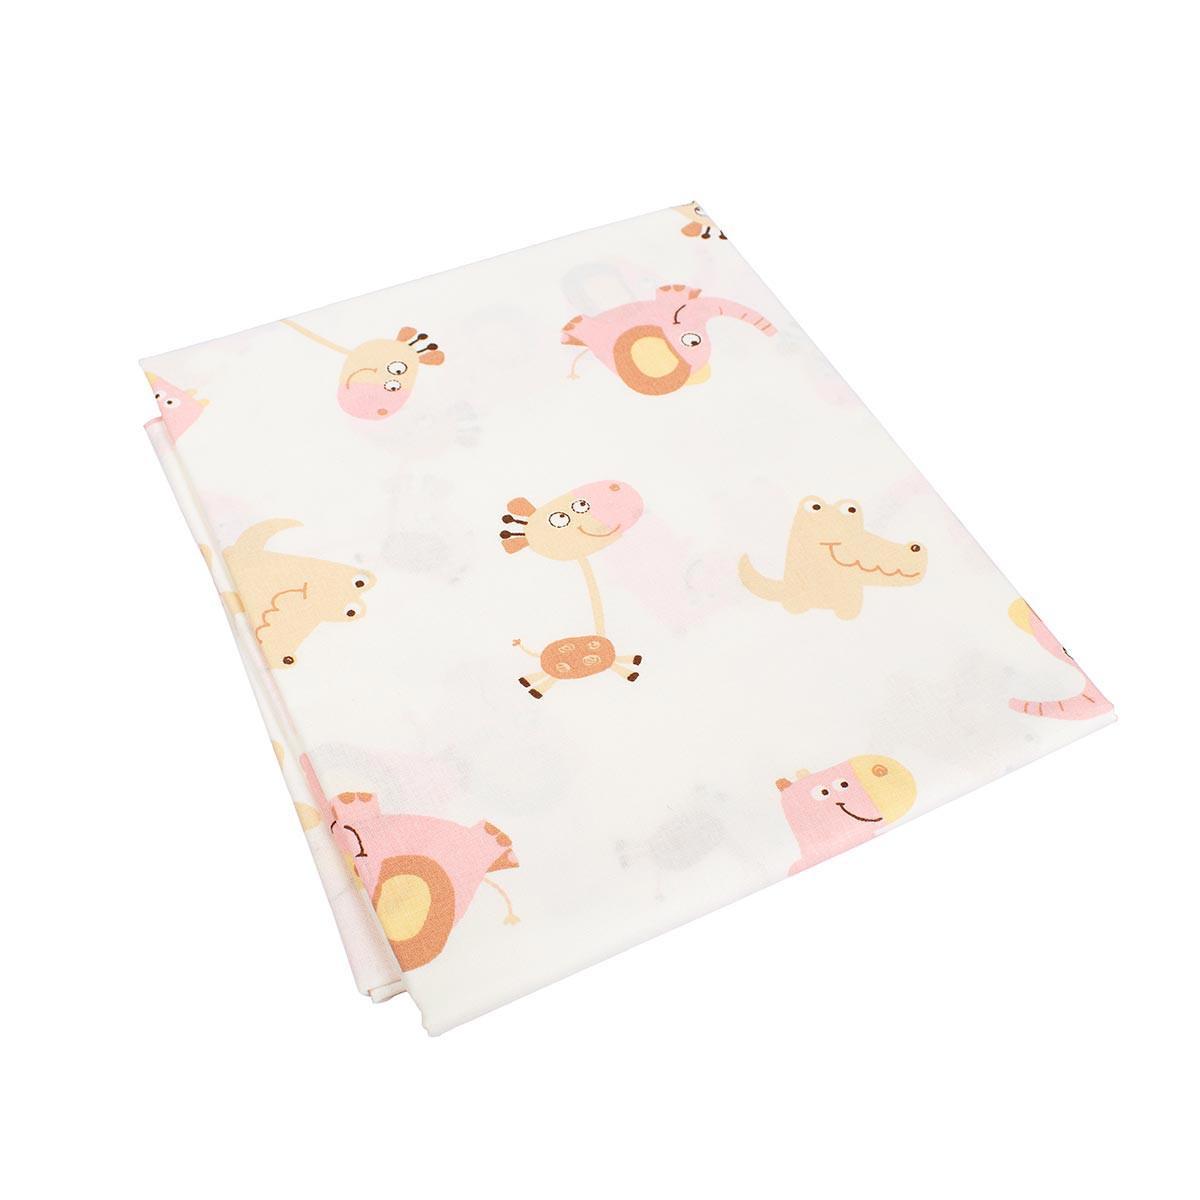 Σεντόνια Μονά (Σετ 3τμχ) Dimcol Elephant 72 Pink